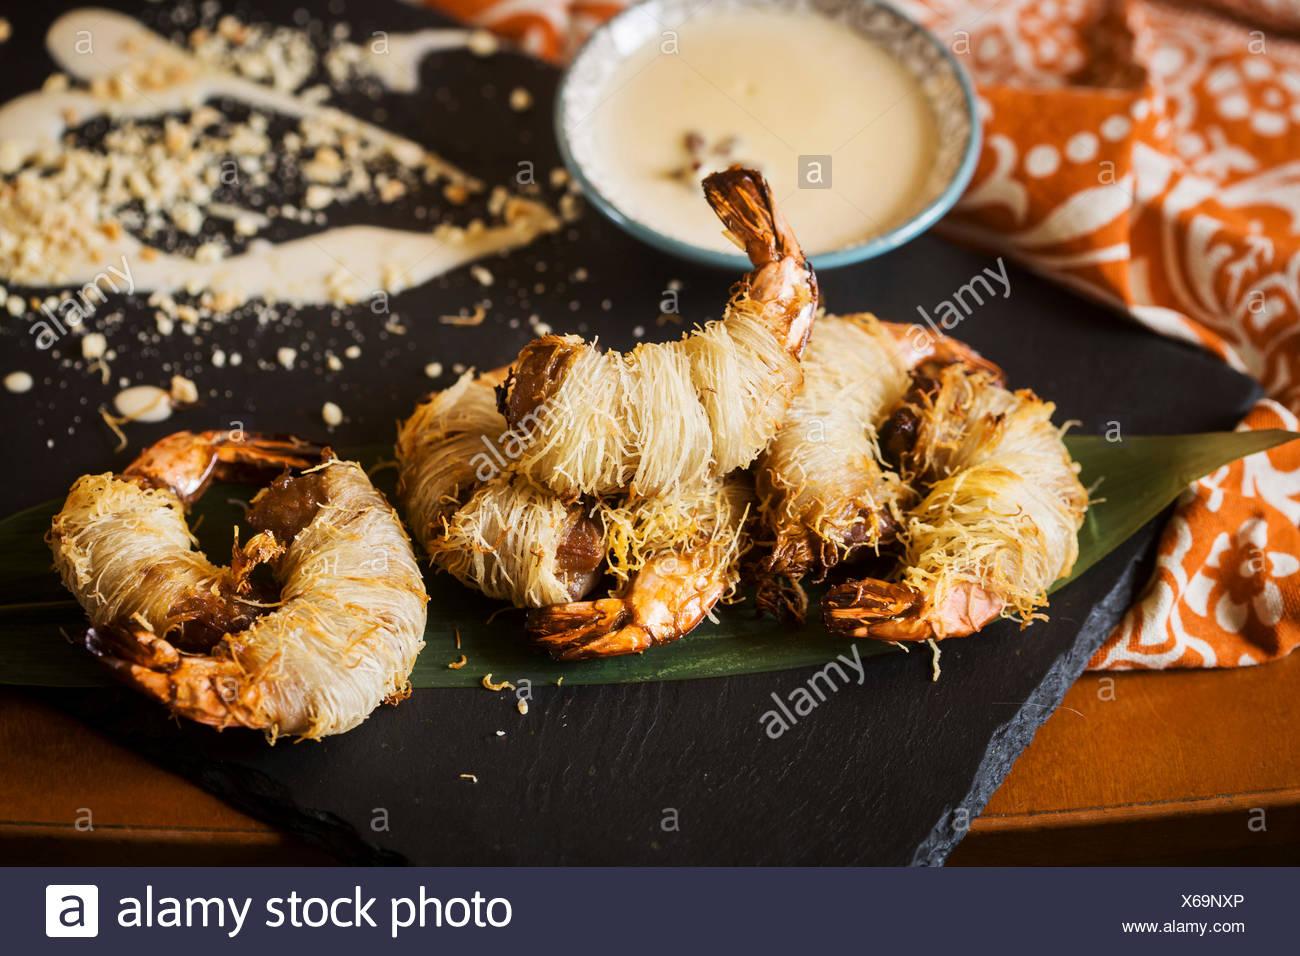 Plat asiatique - Crevettes en pâte poilue Photo Stock